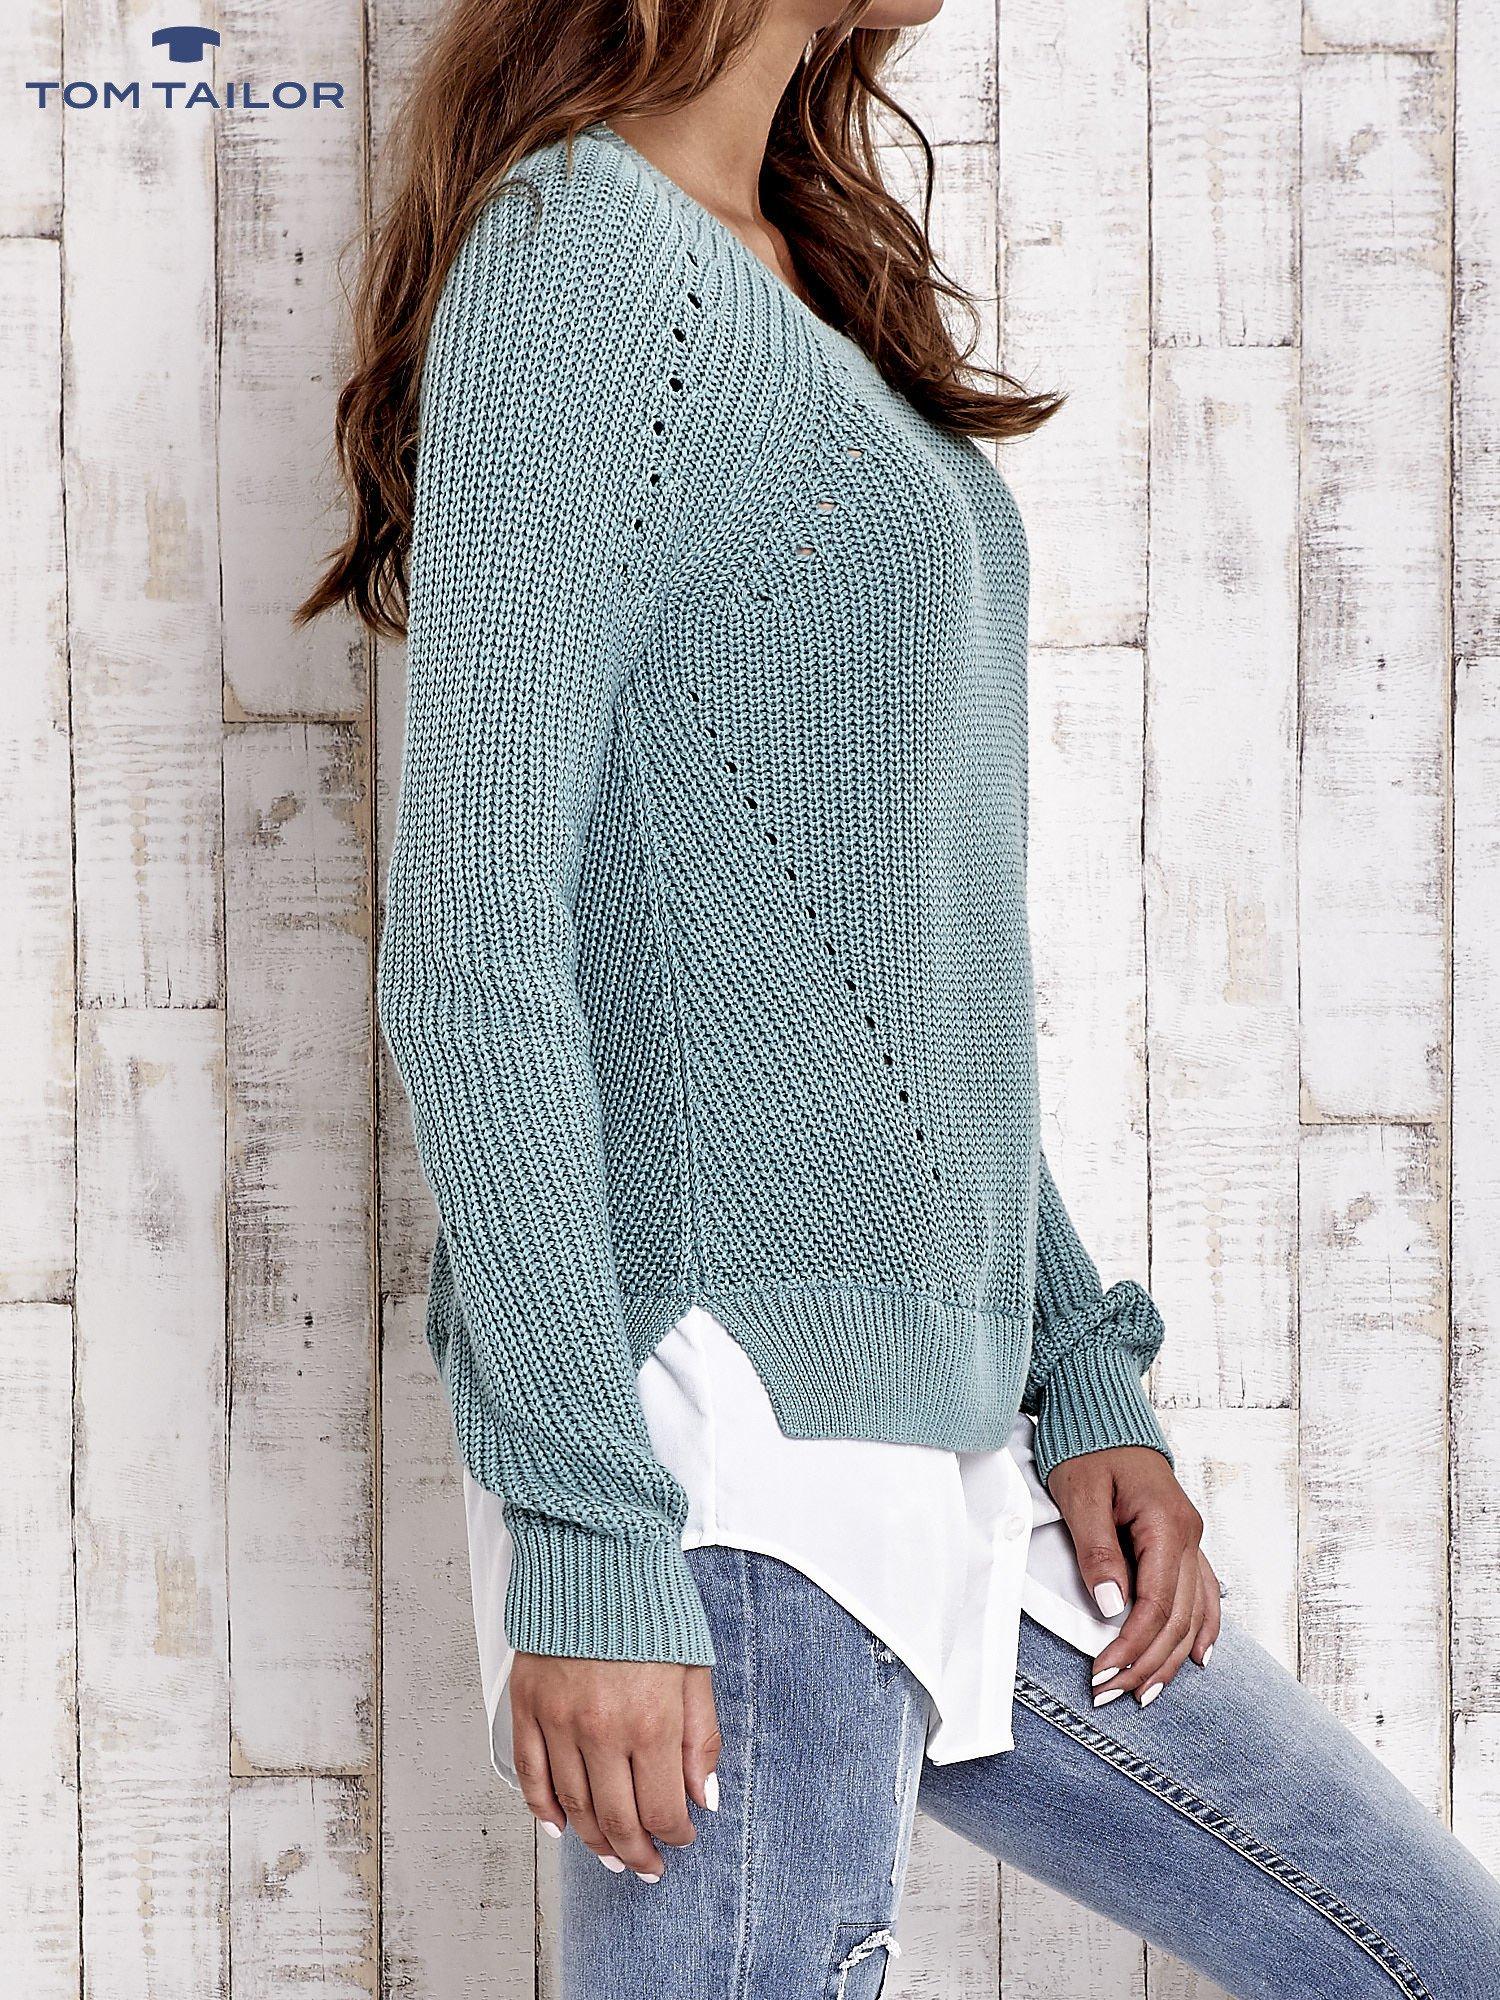 TOM TAILOR Zielony sweter z koszulą                                  zdj.                                  4